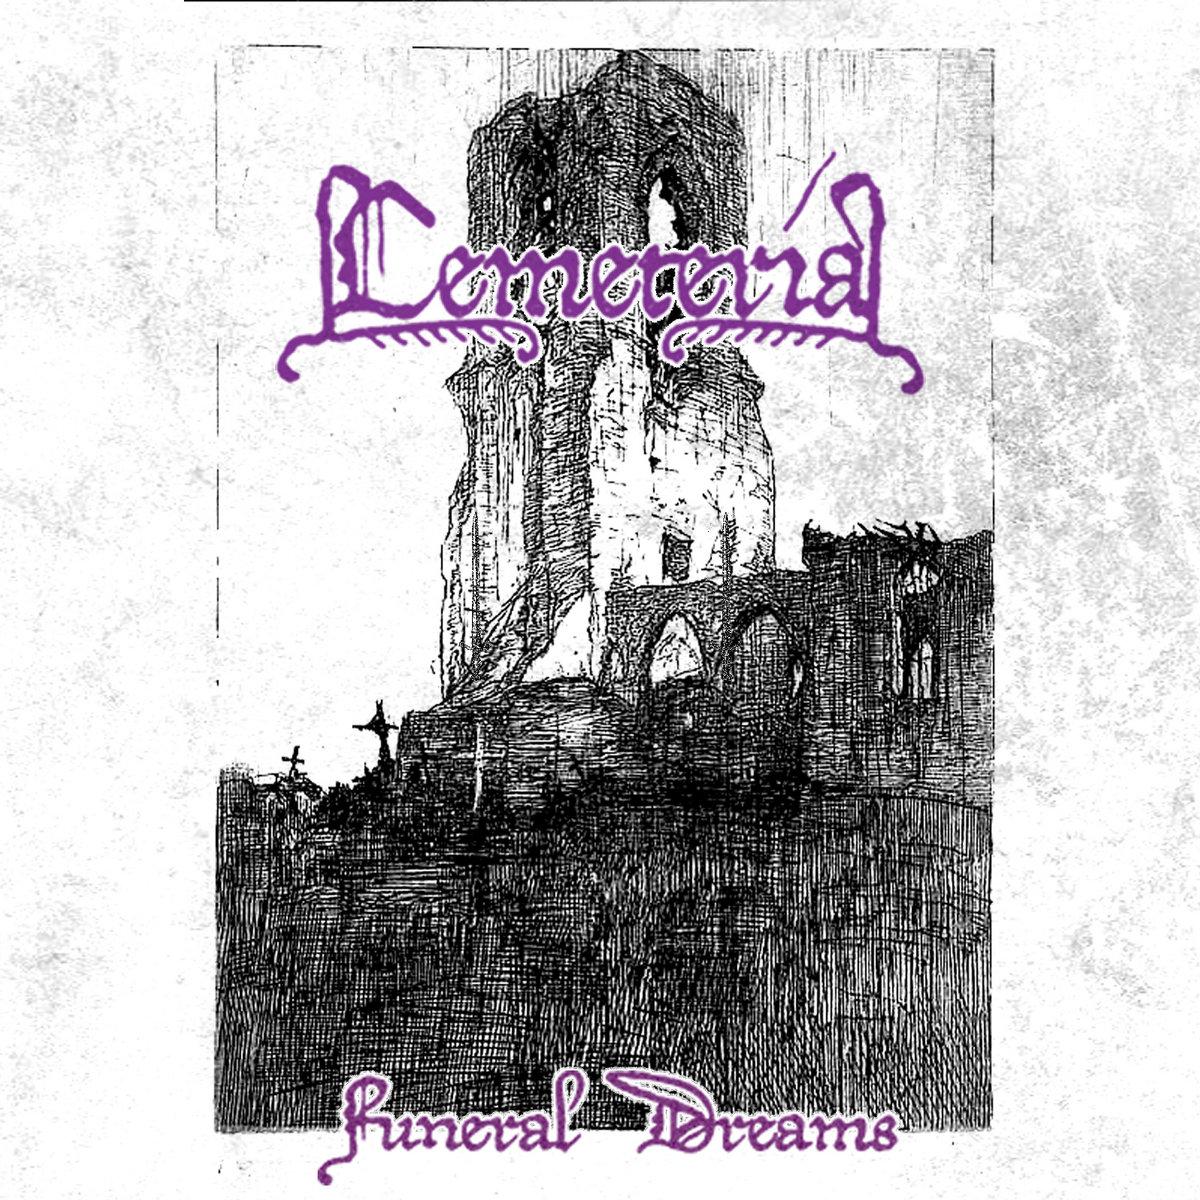 CEMETERIA - Funeral Dreams